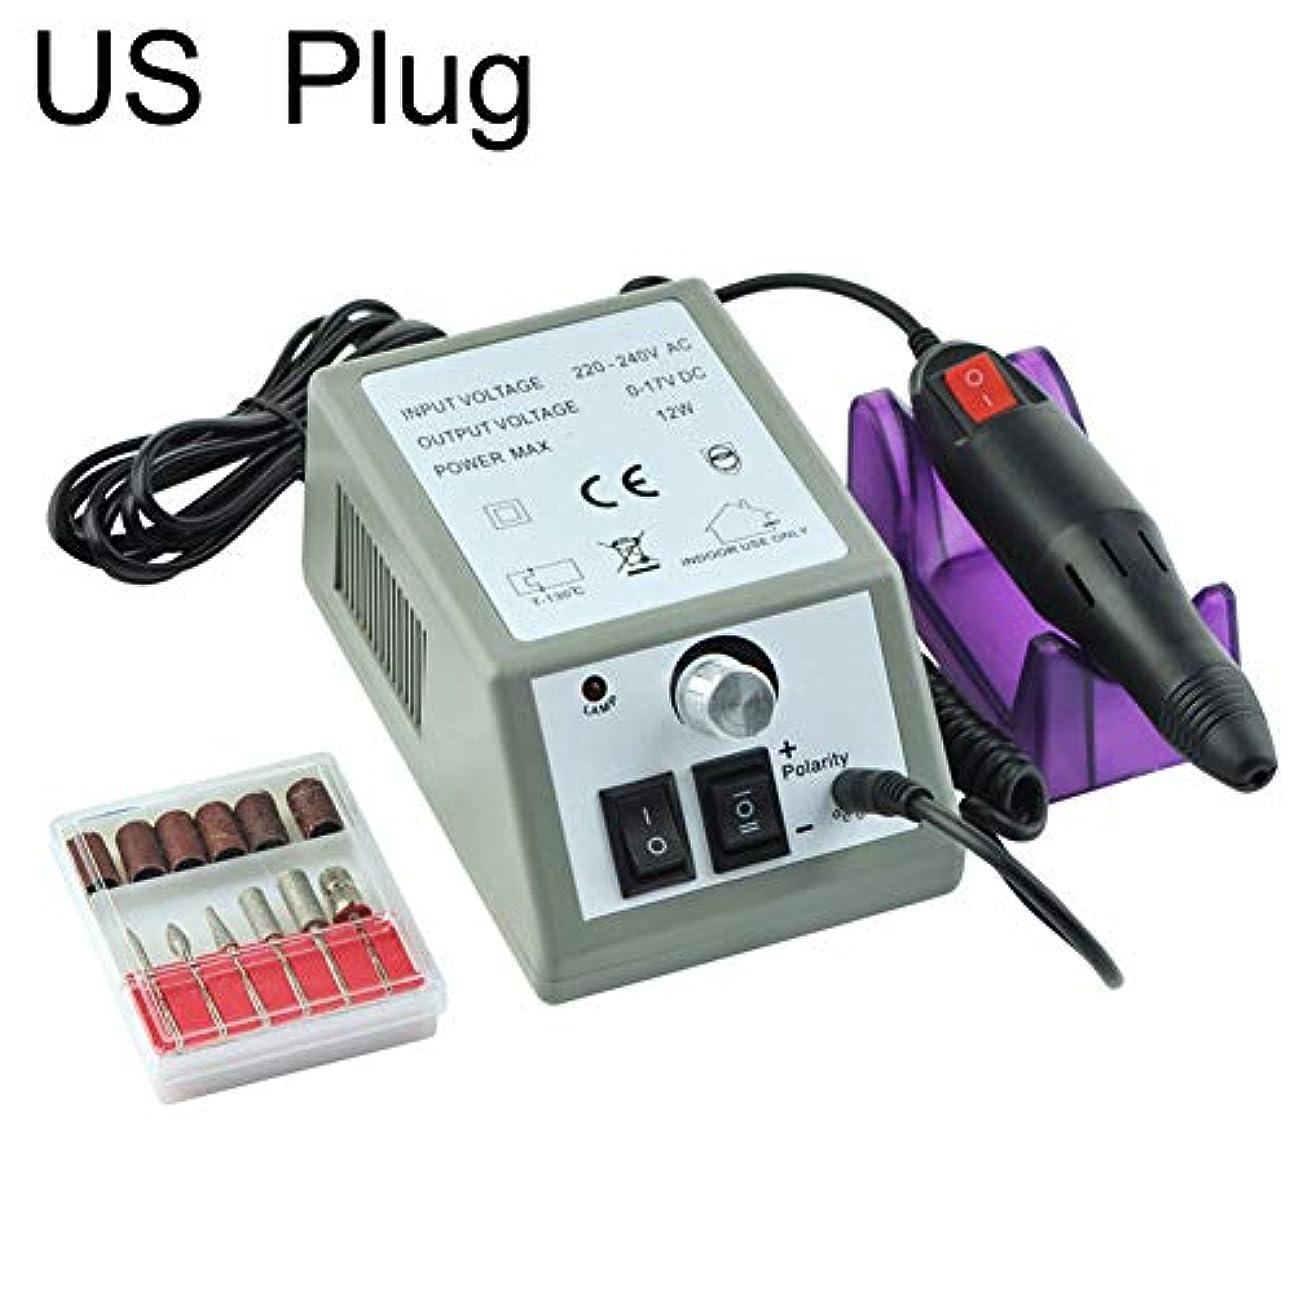 吸収剤ロゴ中古グレファイディングラインダーネイルマシンプロフェッショナル110-240V電気ネイルドリルマニキュアグラインダーペディキュアセット - USプラグピンク